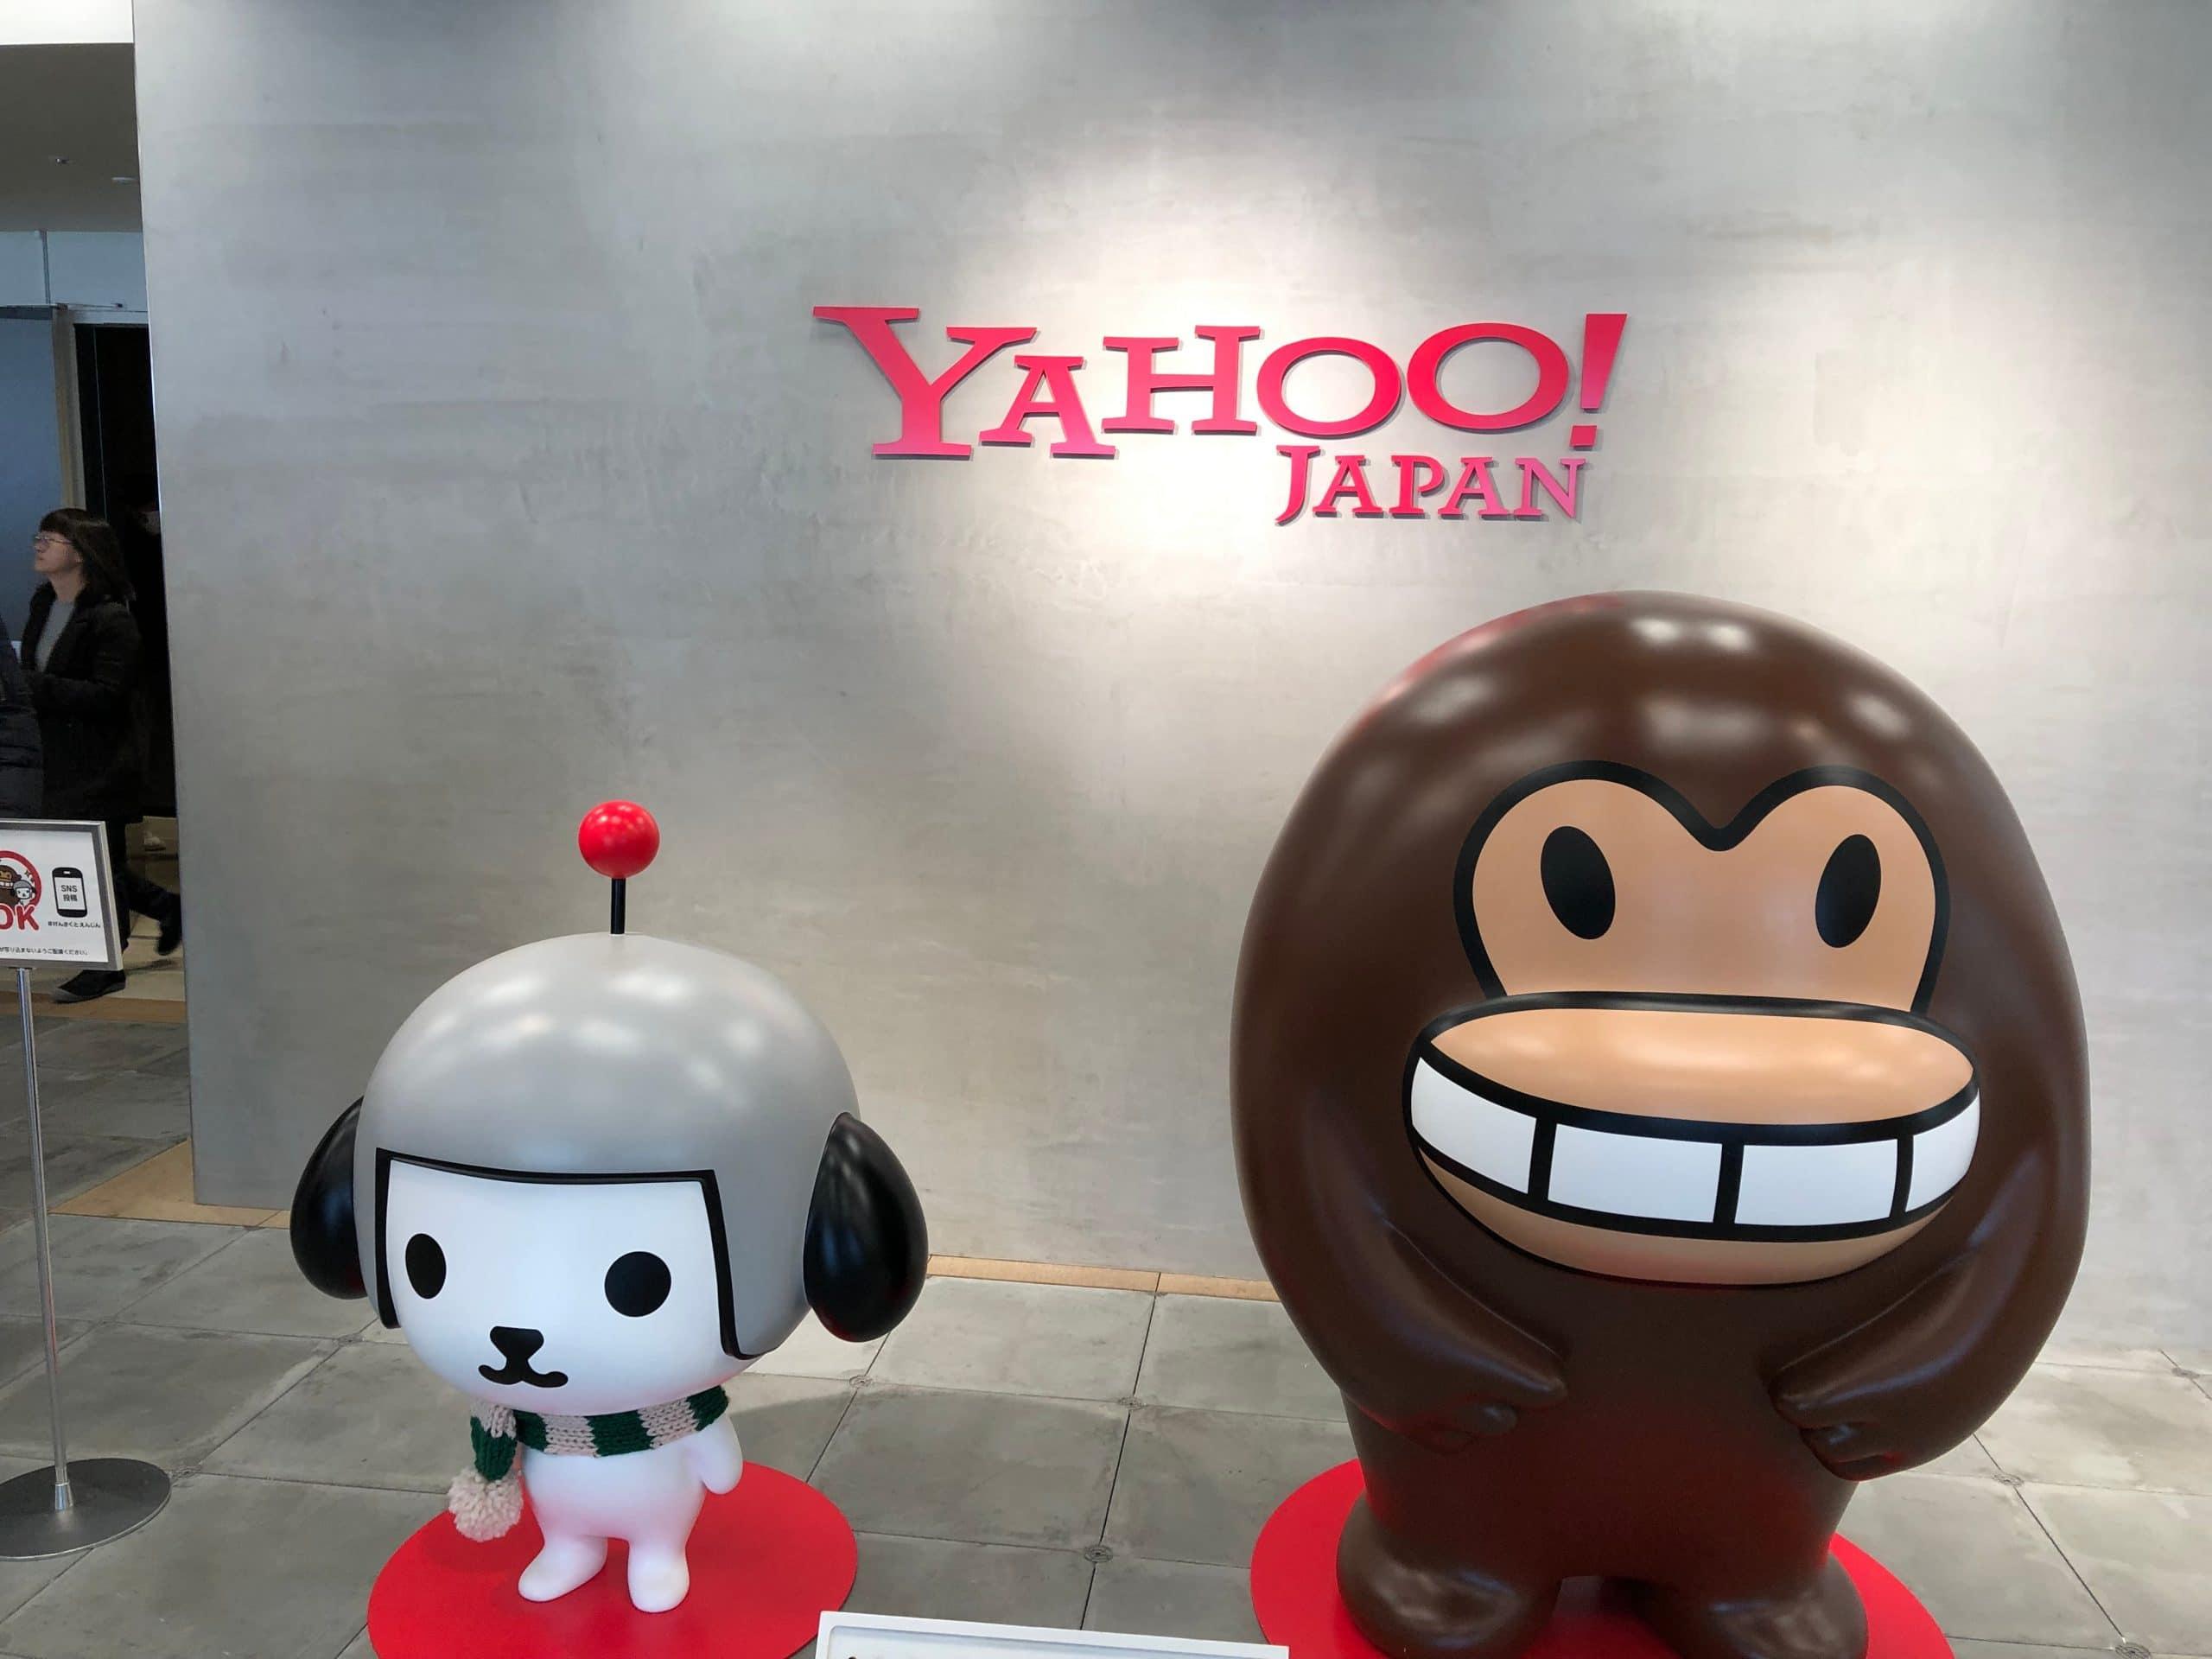 Yahoo! Japan öffnet Plattform für NFT-Geschäfte   BTC-ECHO